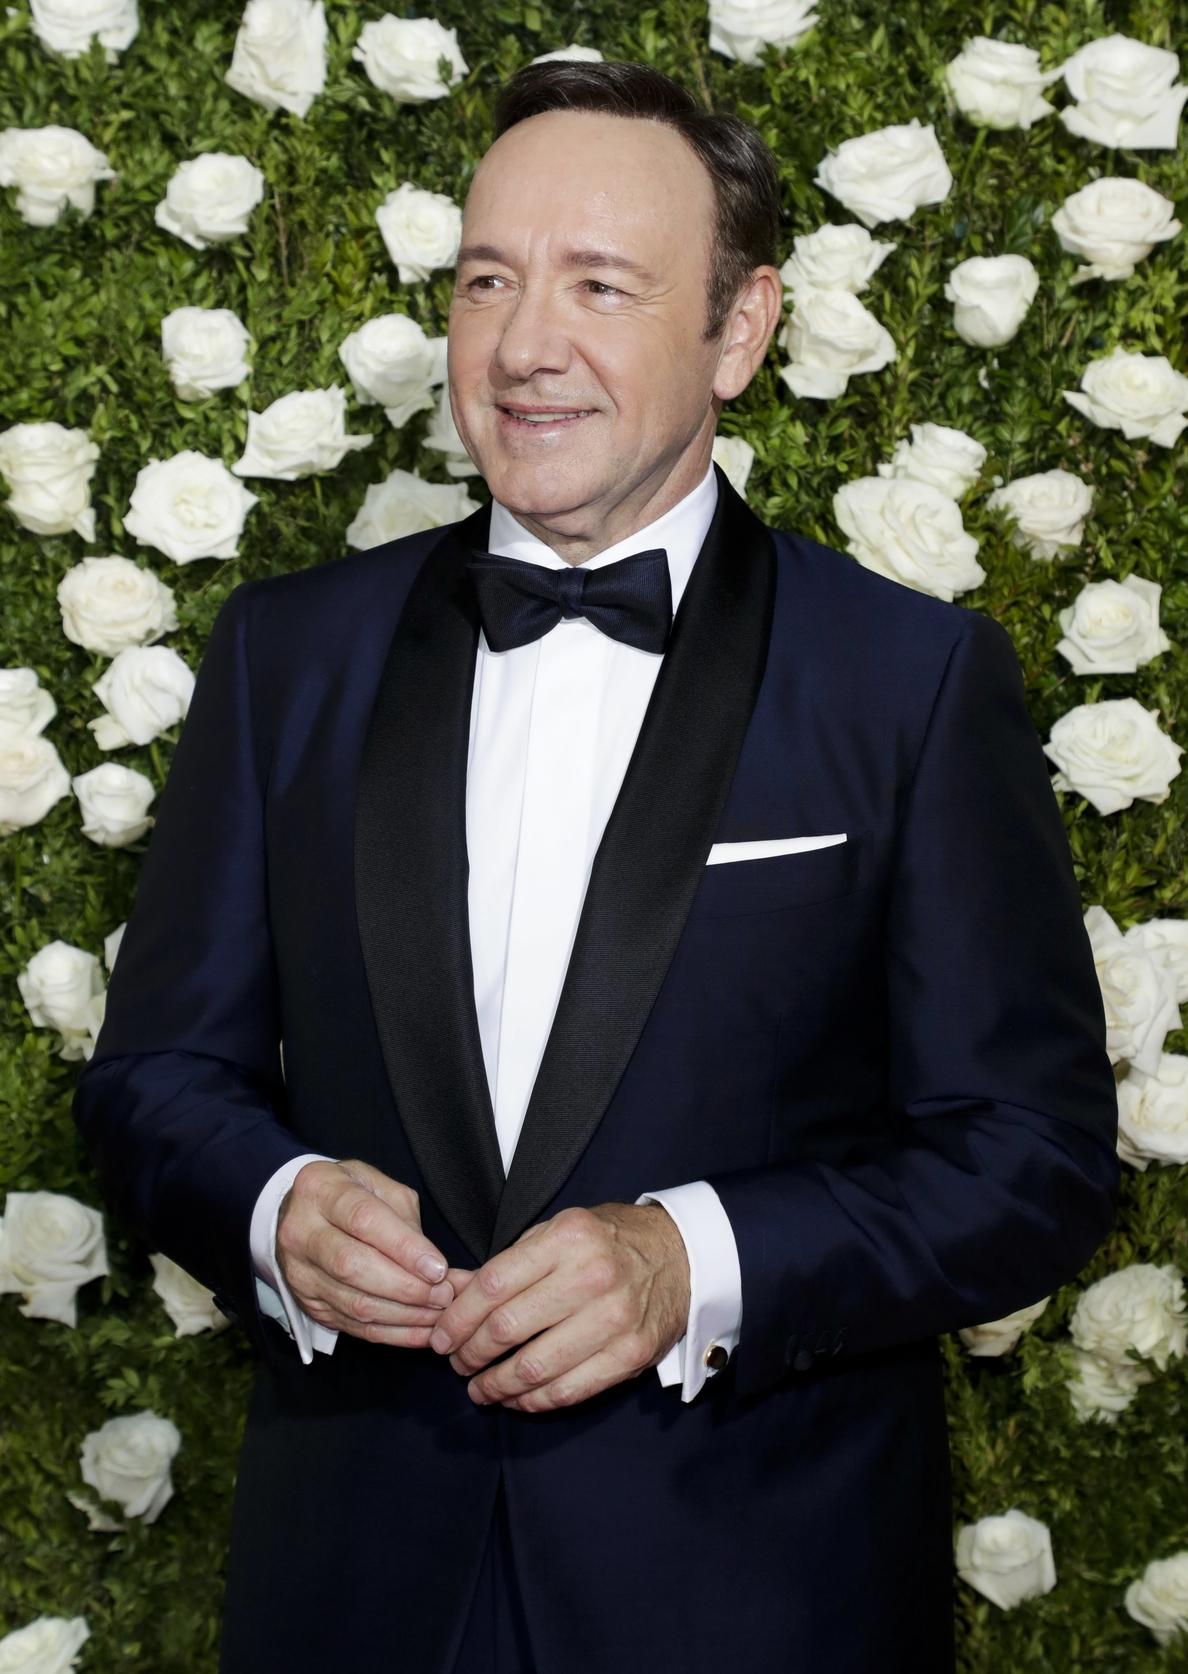 El teatro londinense Old Vic recibe 20 quejas contra el actor Kevin Spacey